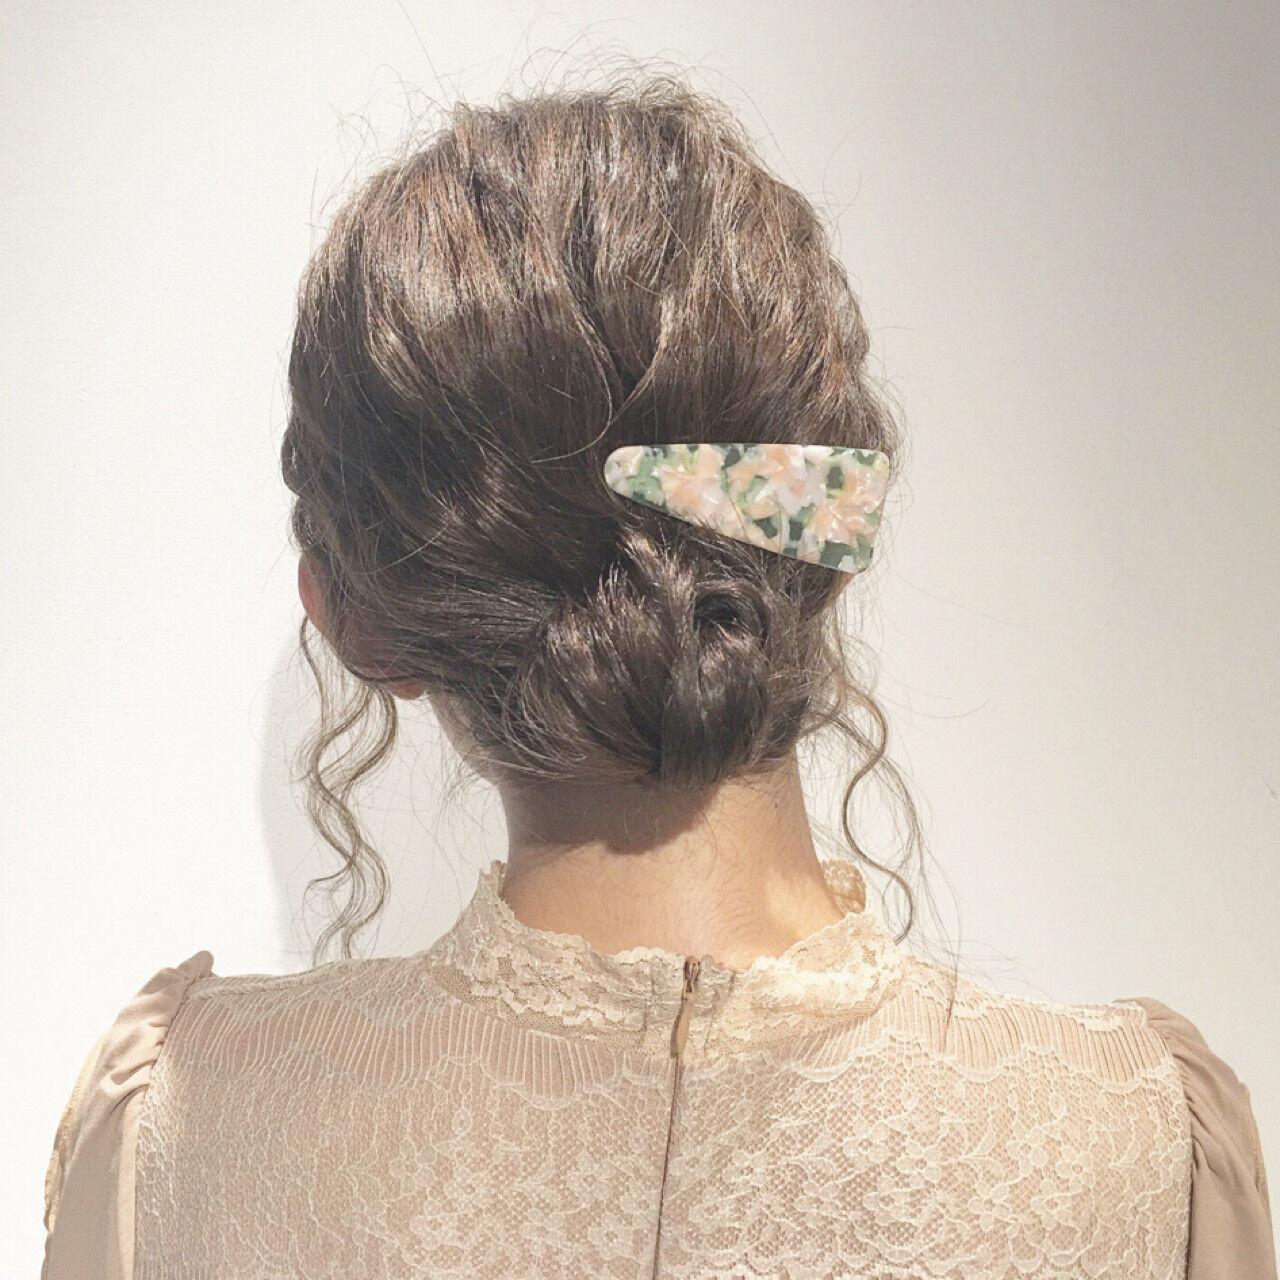 ヘアアレンジ 小顔 ミディアム フェミニンヘアスタイルや髪型の写真・画像